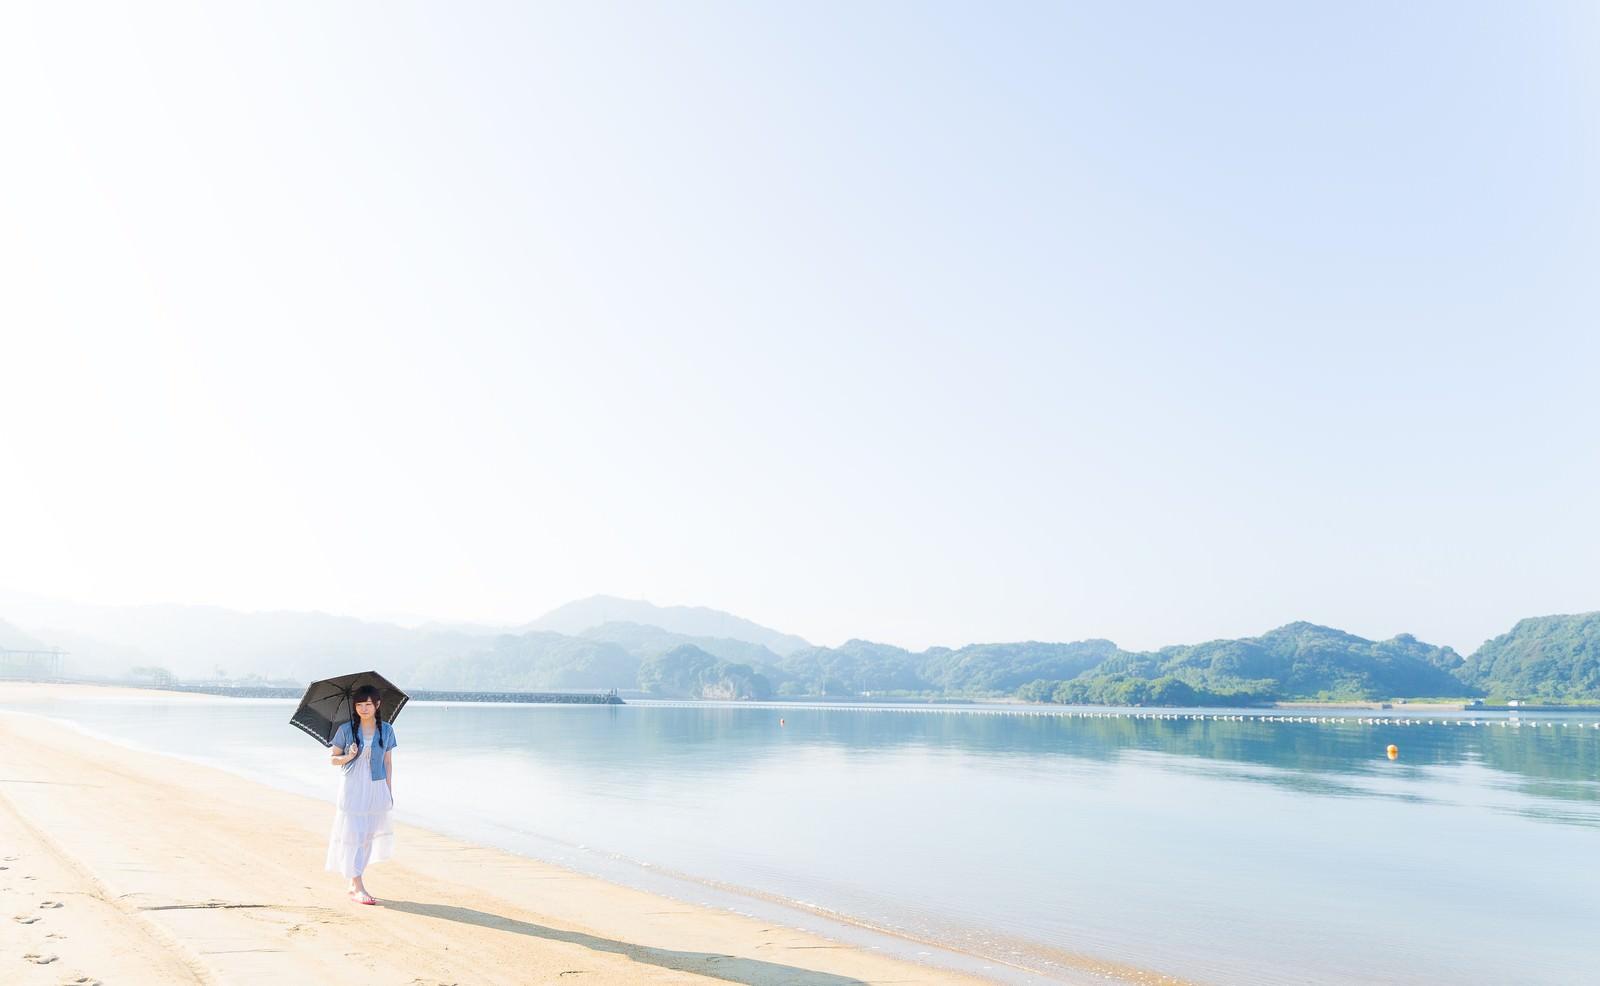 「穏やかなイマリンビーチを歩く日傘女子」の写真[モデル:河村友歌]